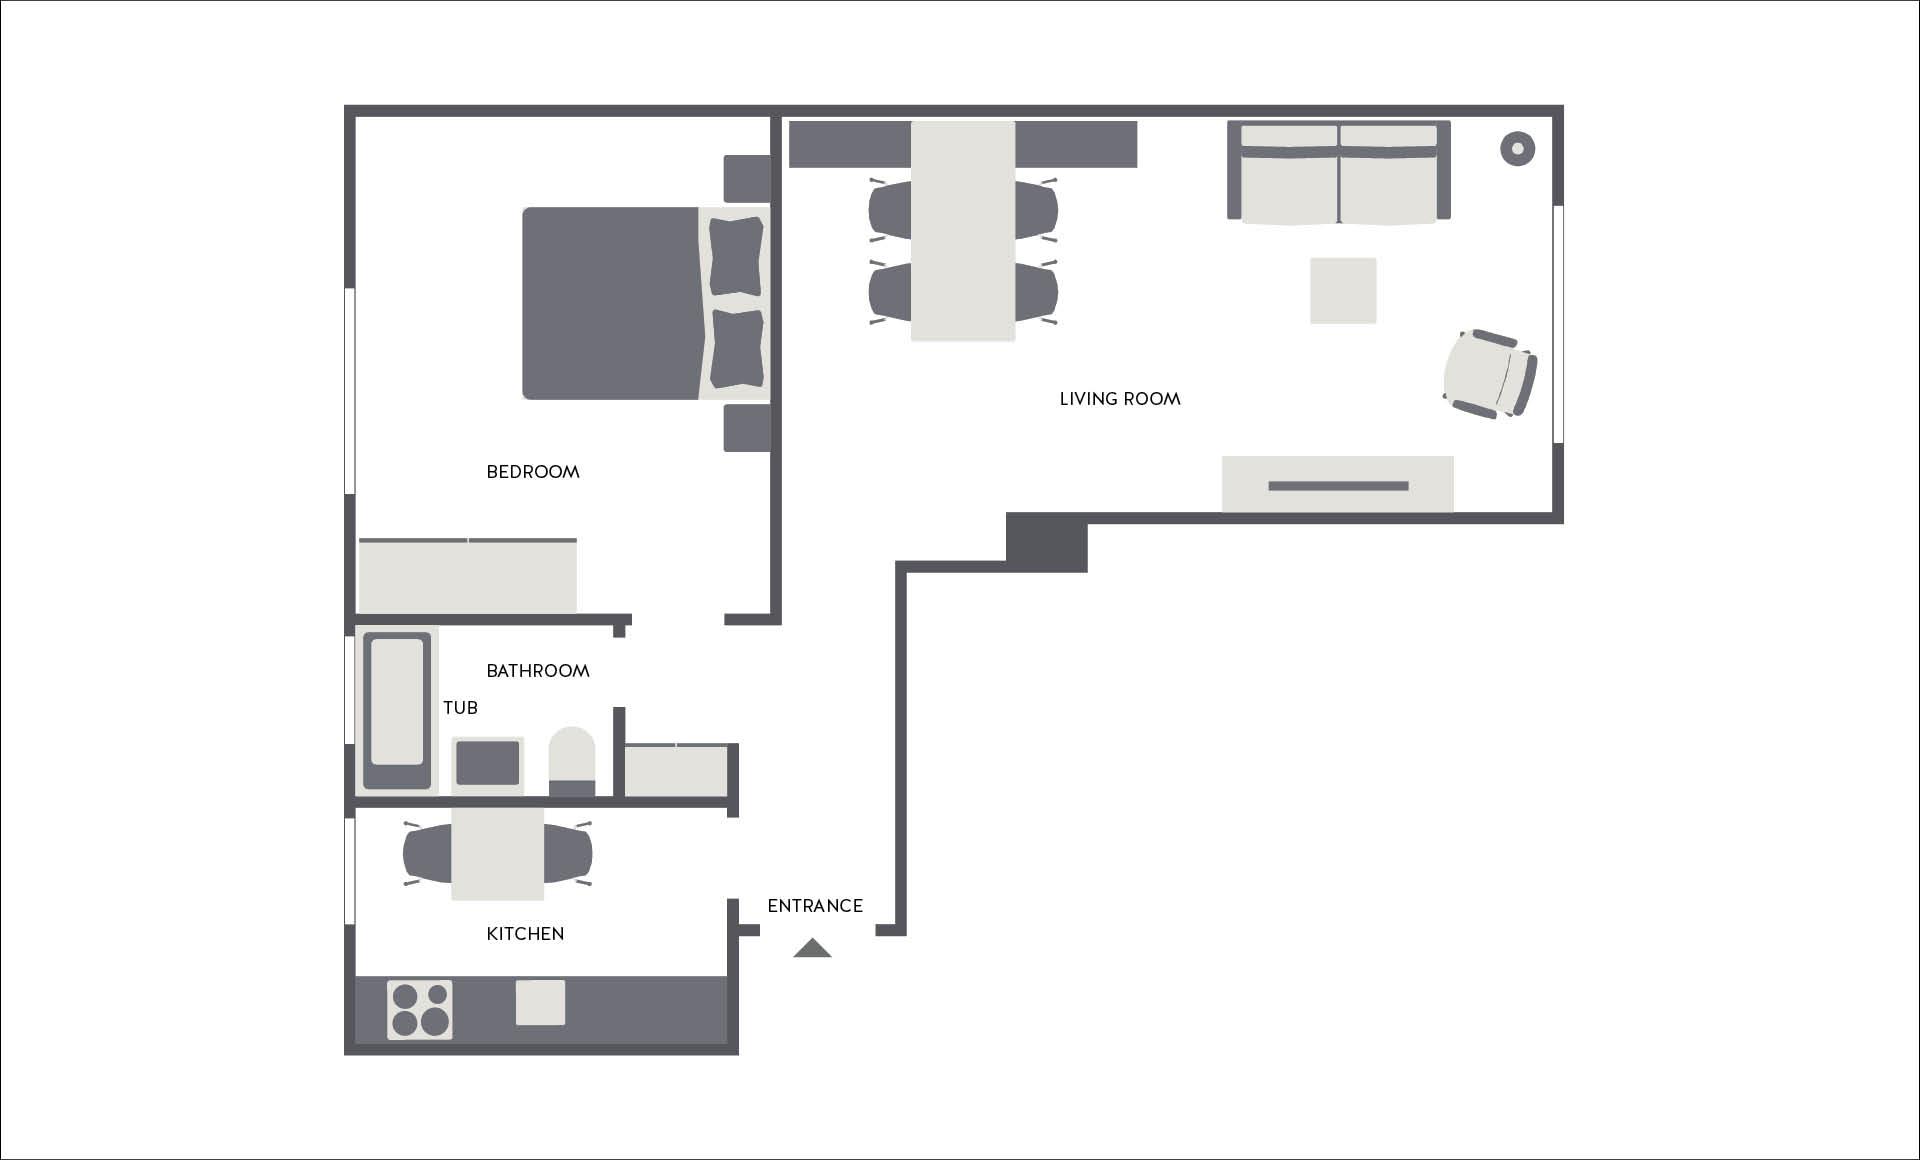 Florastrasse 26 Apartments, Seefeld, Zurich